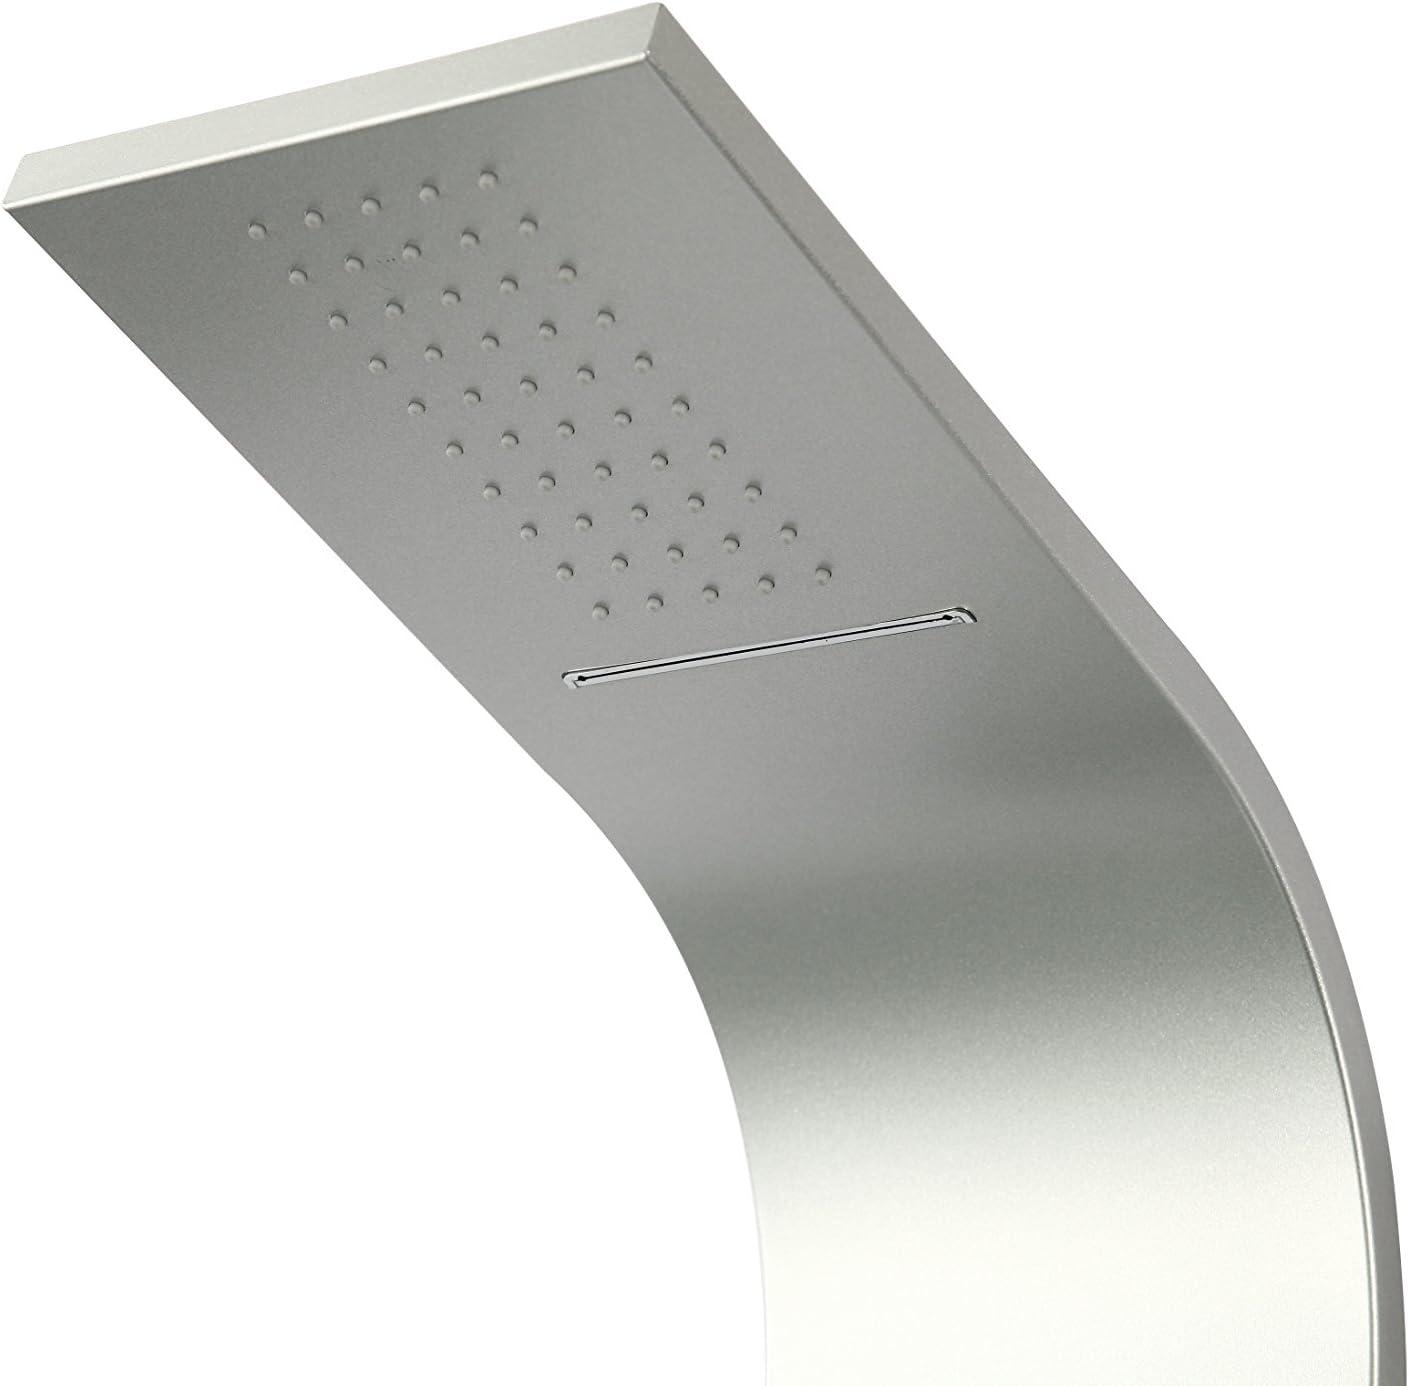 DP Grifería HID-0004 Columna de hidromasaje de modelo Madeira, Plateado: Amazon.es: Bricolaje y herramientas